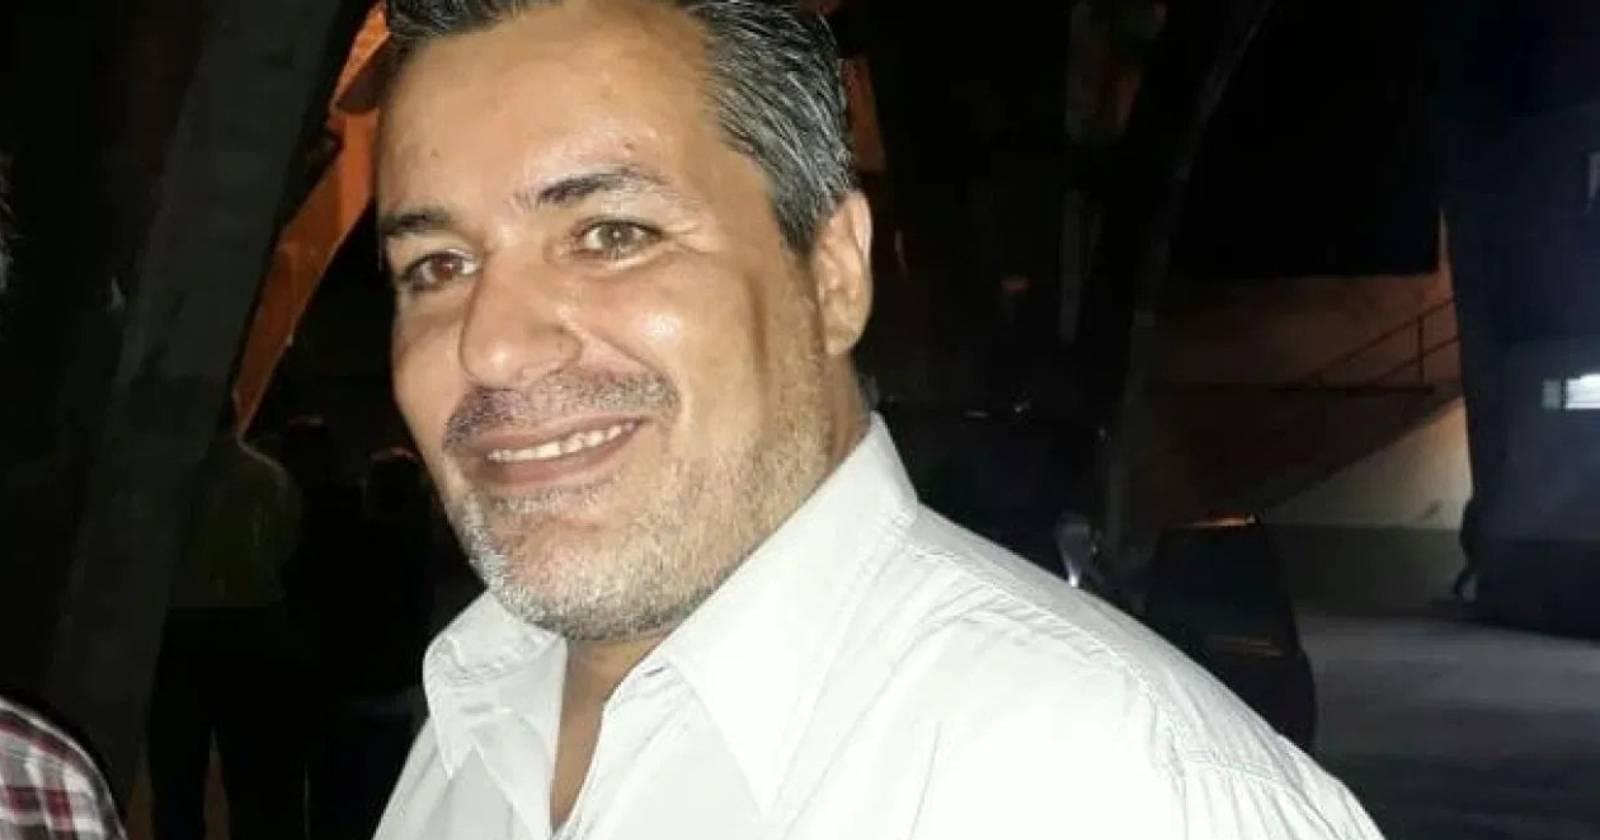 Barra brava y denunciado por acoso: el perfil de Juan Emilio Ameri, el diputado argentino que renunció tras escándalo sexual